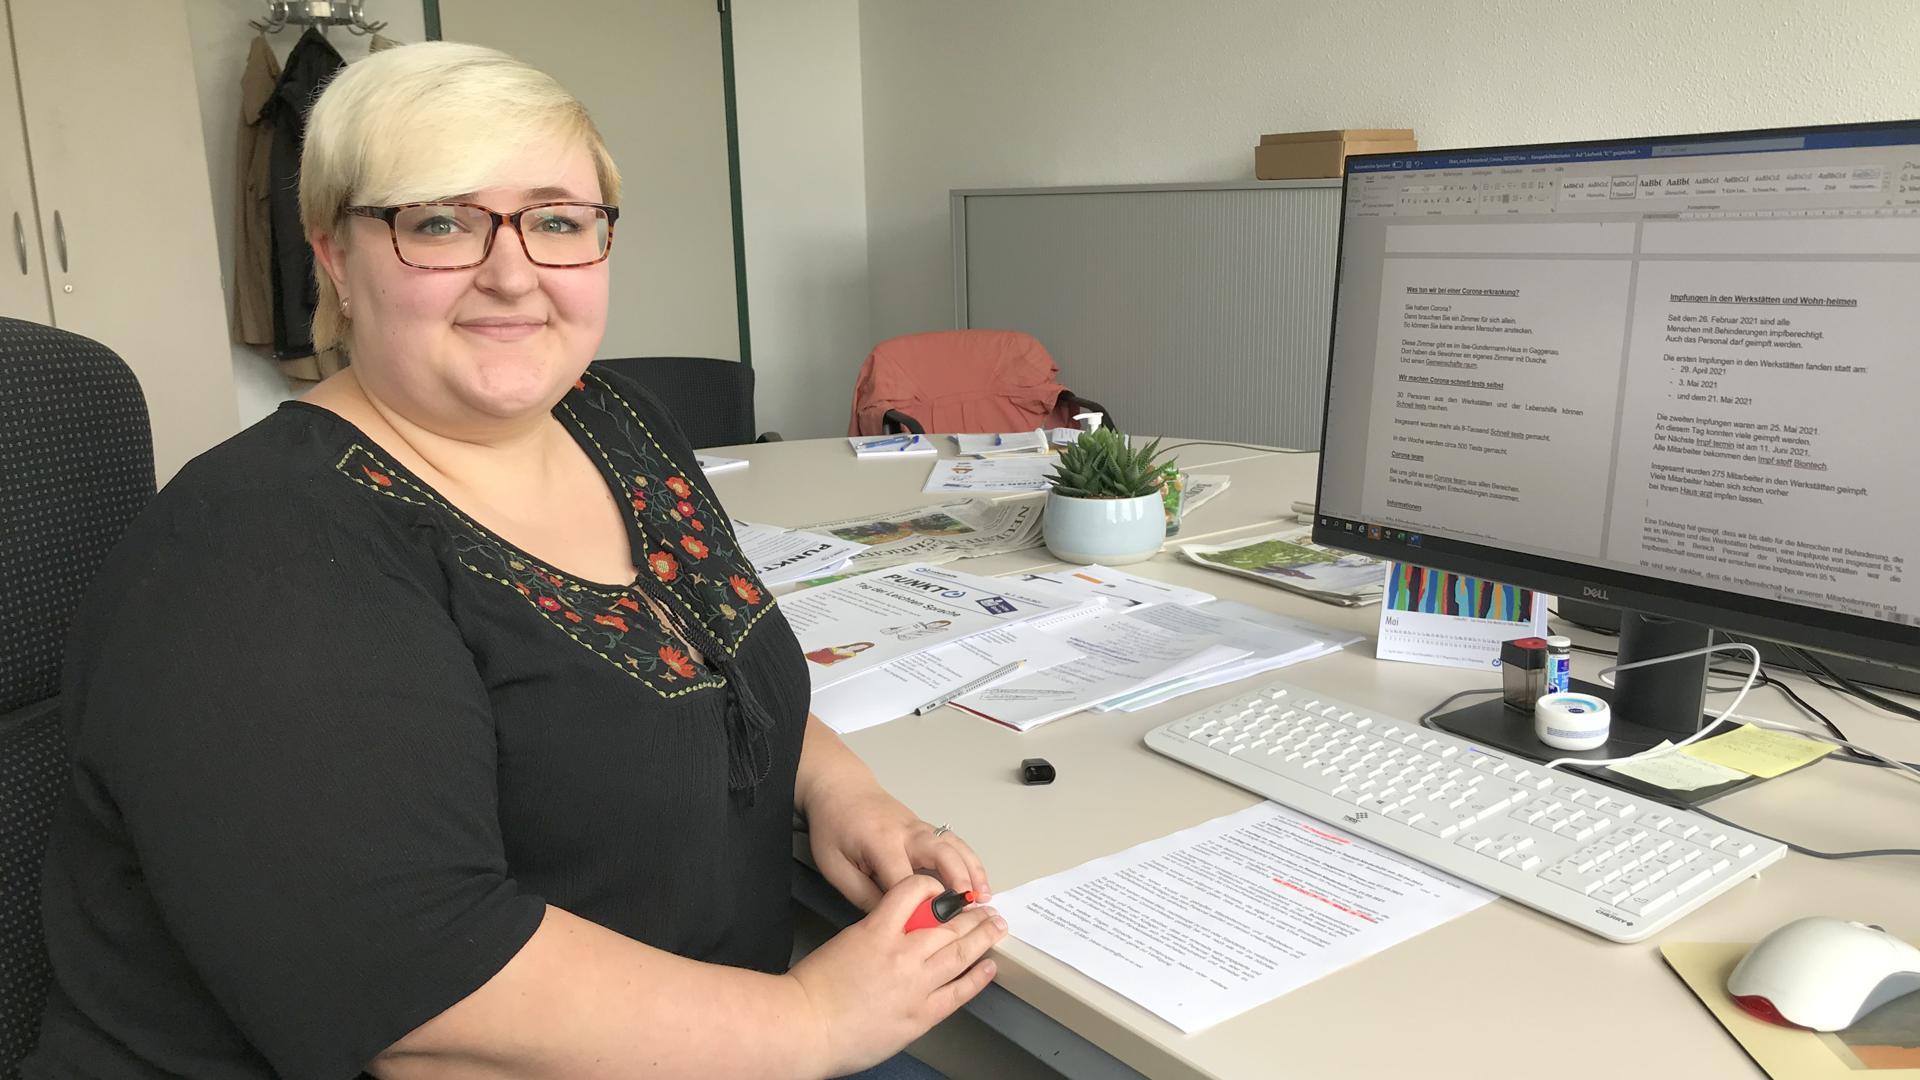 Die Fachfrau: Svenja Heck hat im Studium ihren Schwerpunkt auf die Leichte Sprache gelegt. Nun ist sie im Gaggenauer Büro für Leichte Sprache für die Übersetzungen und die Prüfgruppe zuständig.